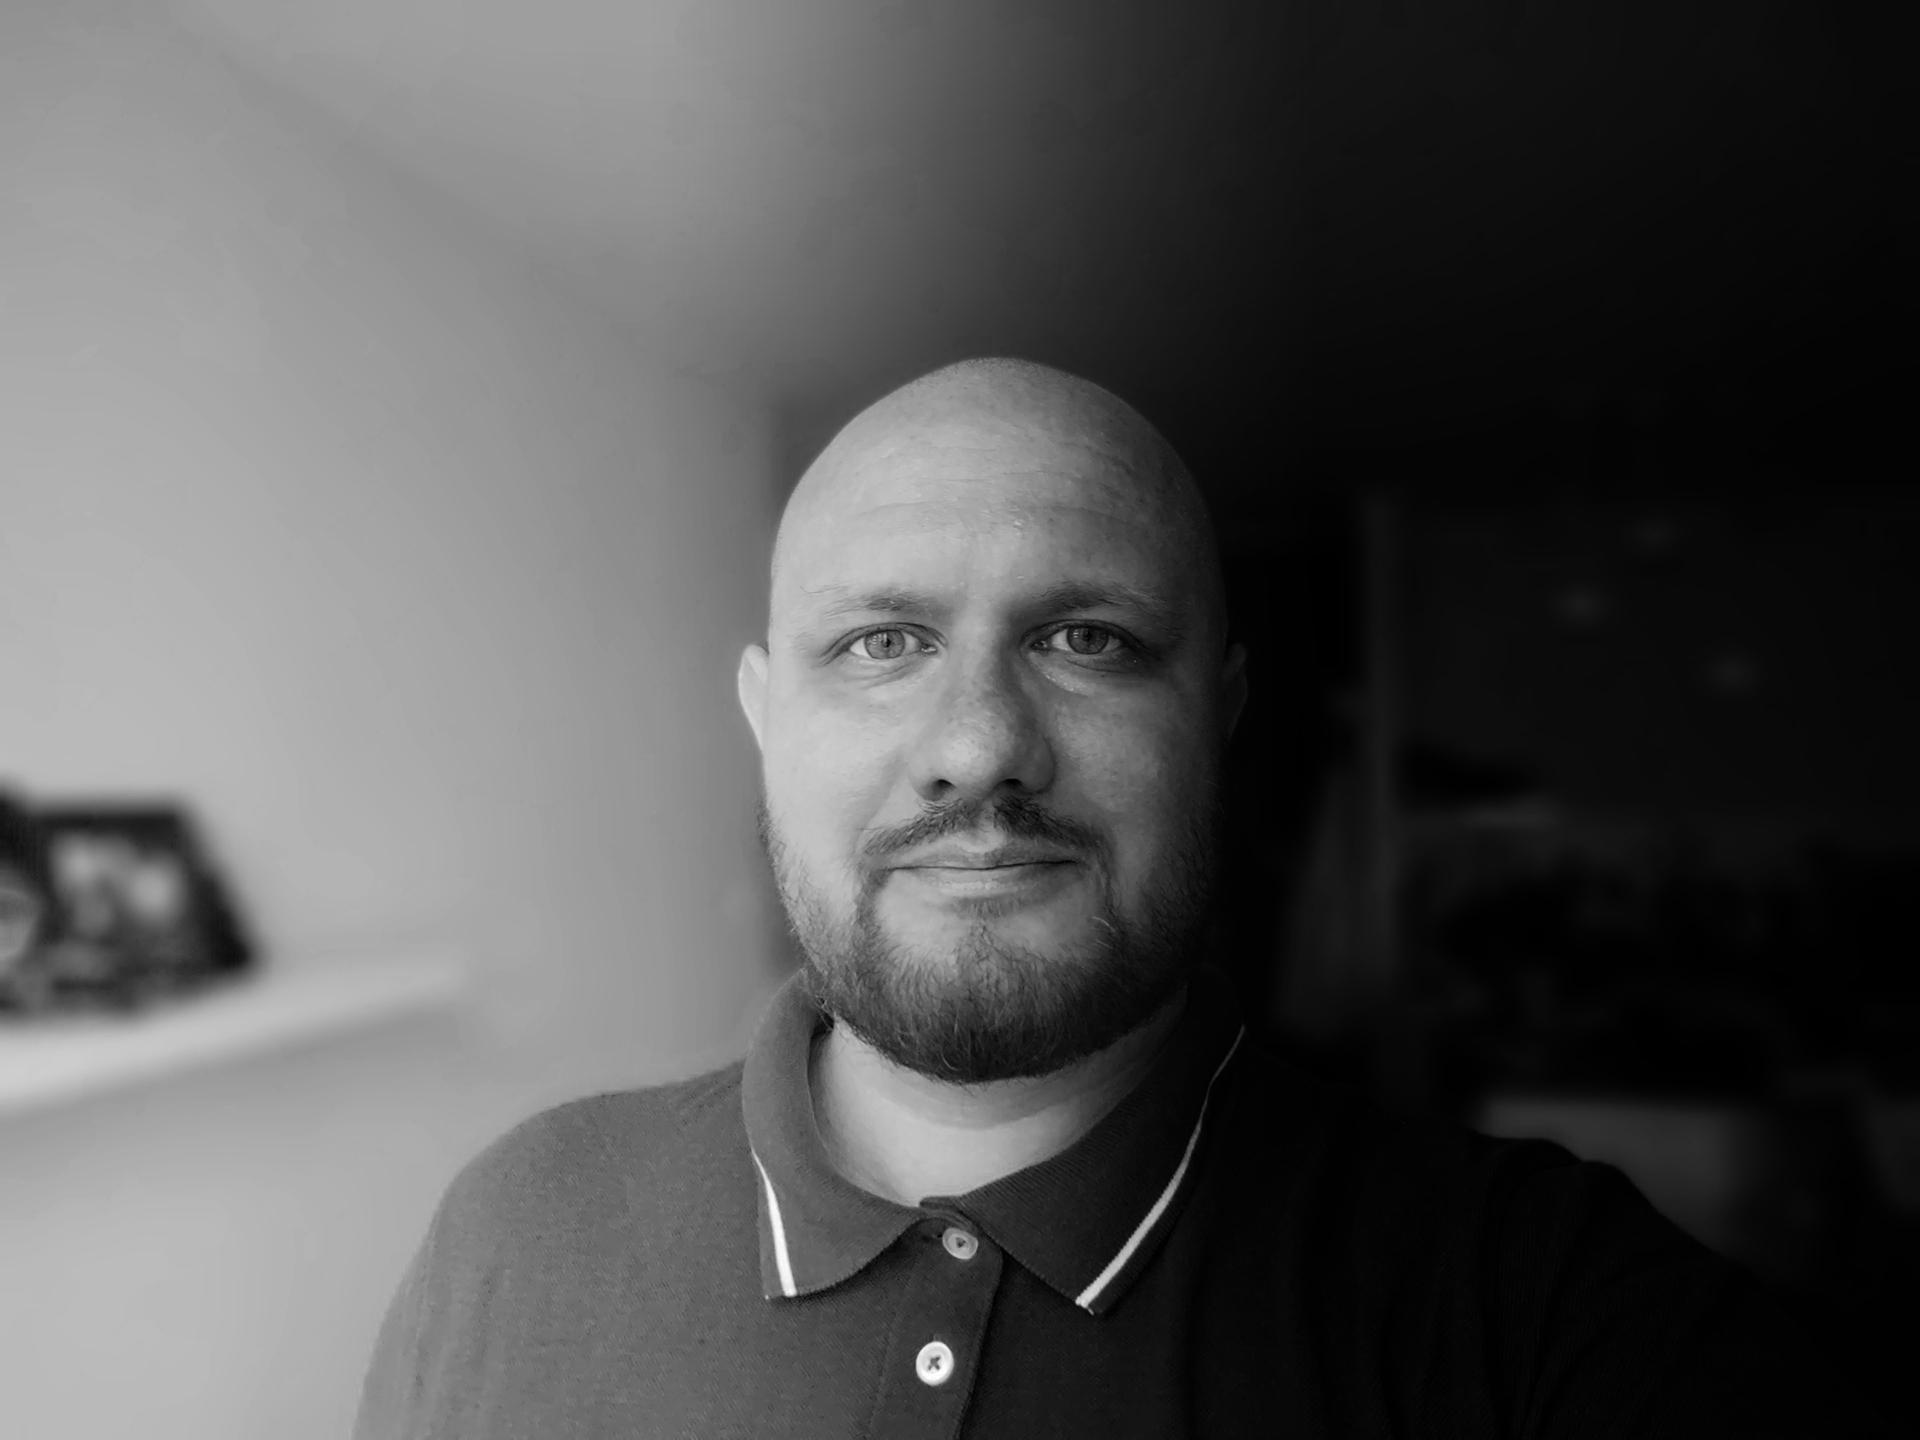 Czarno - biały portret mężczyzny.